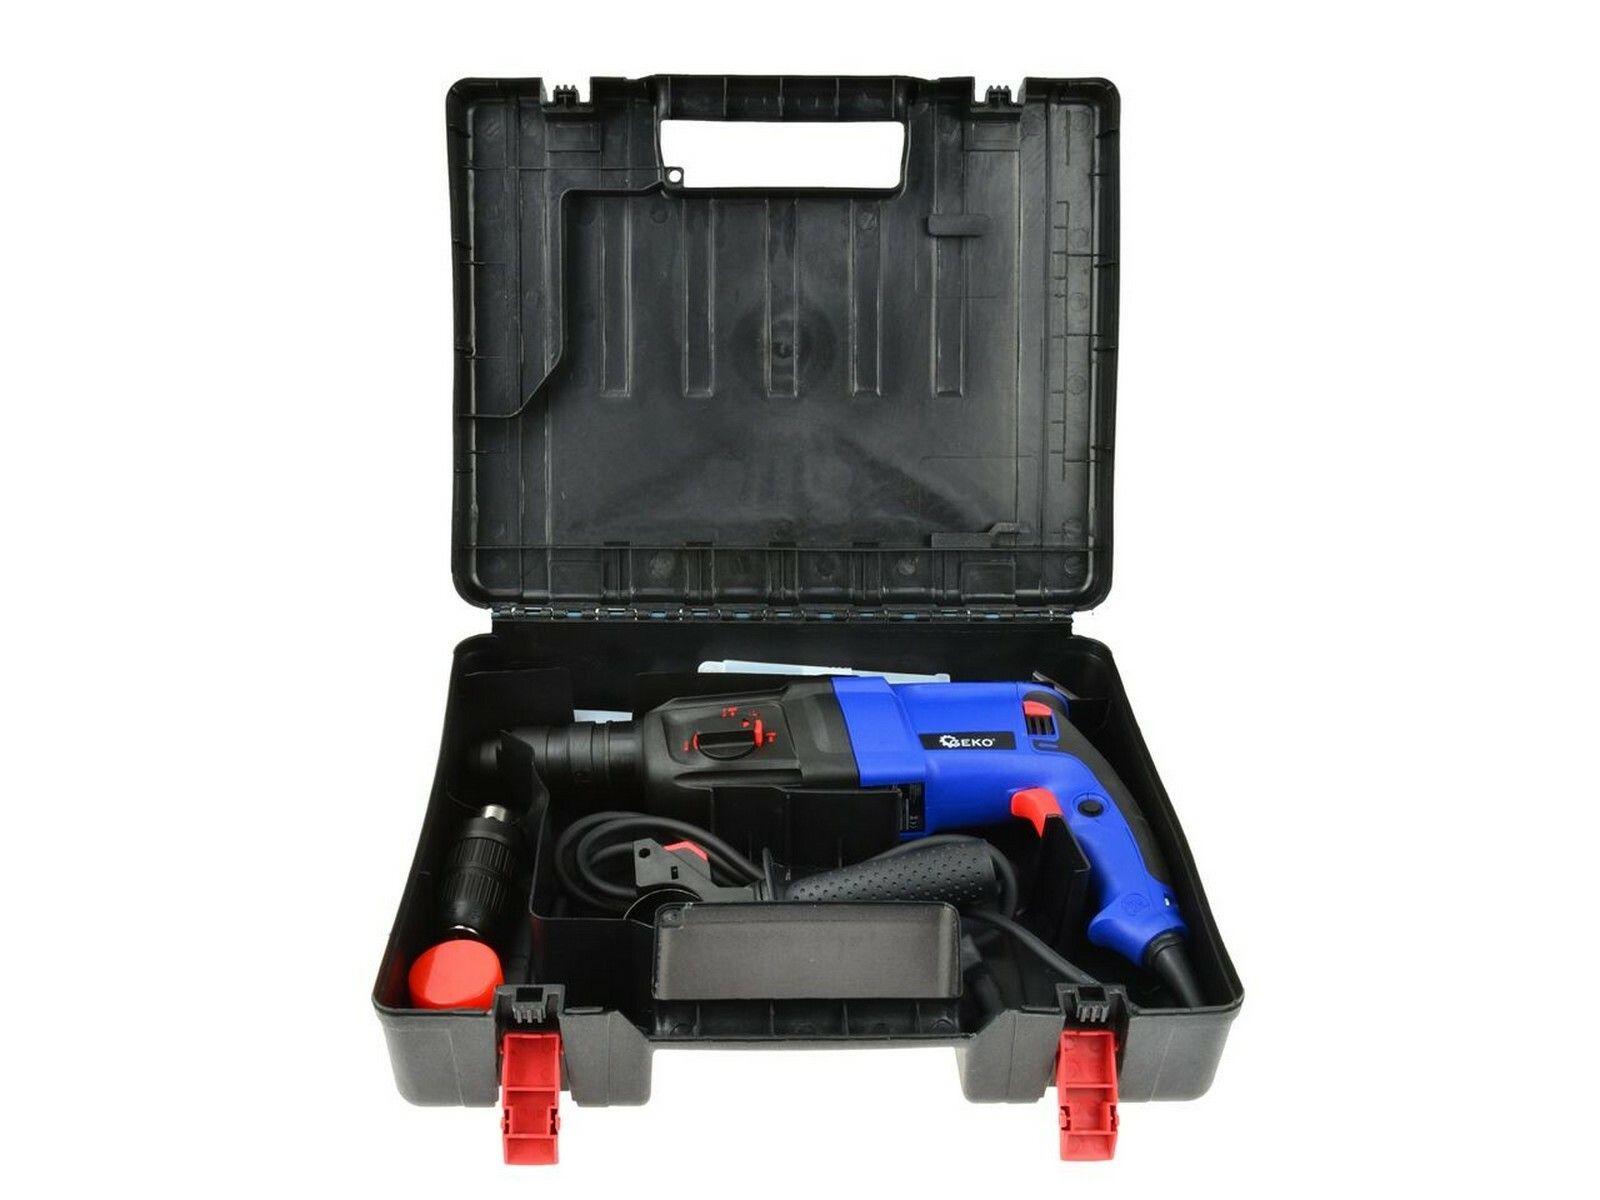 Kladivo vrtací, SDS Plus, 800W, kufr